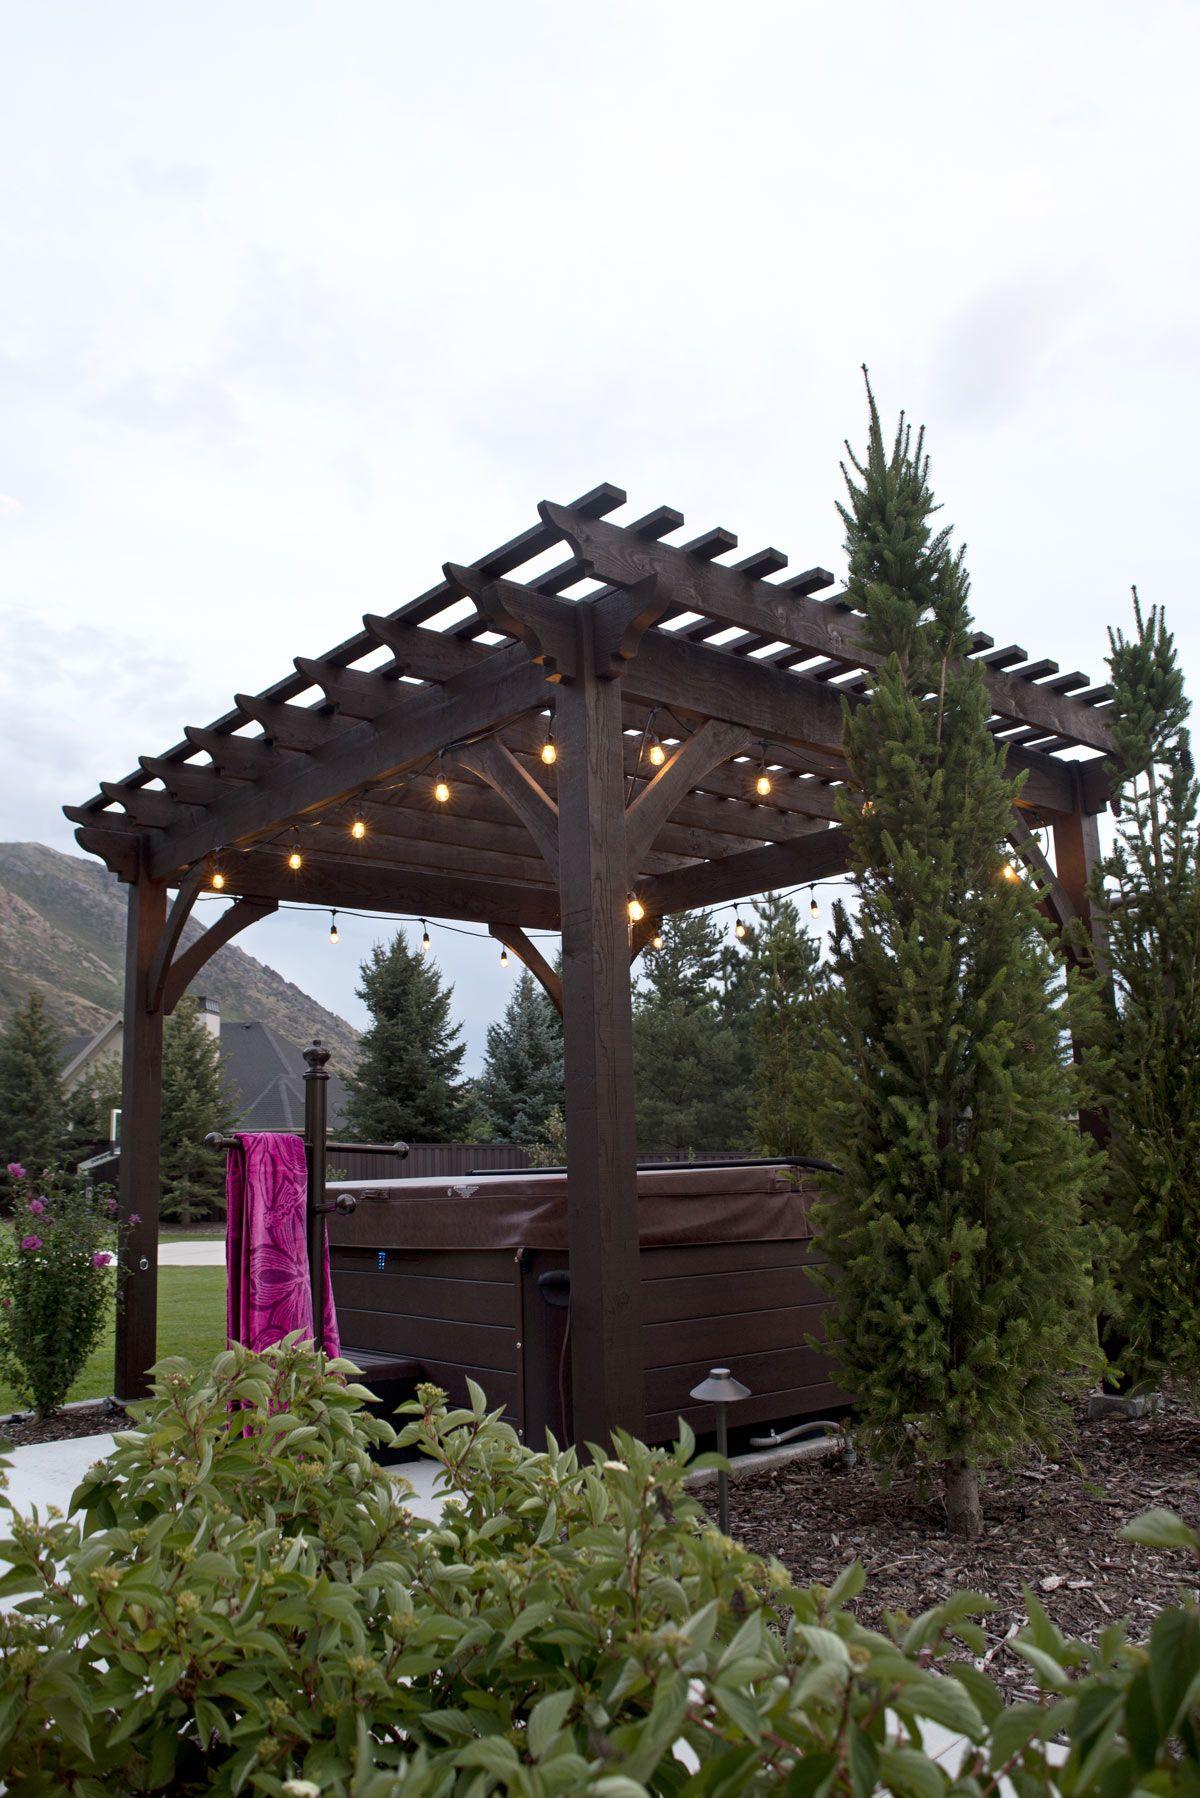 timber frame pergola kit - Timber Frame Pergola Kit Pergula Pinterest Pergola Kits